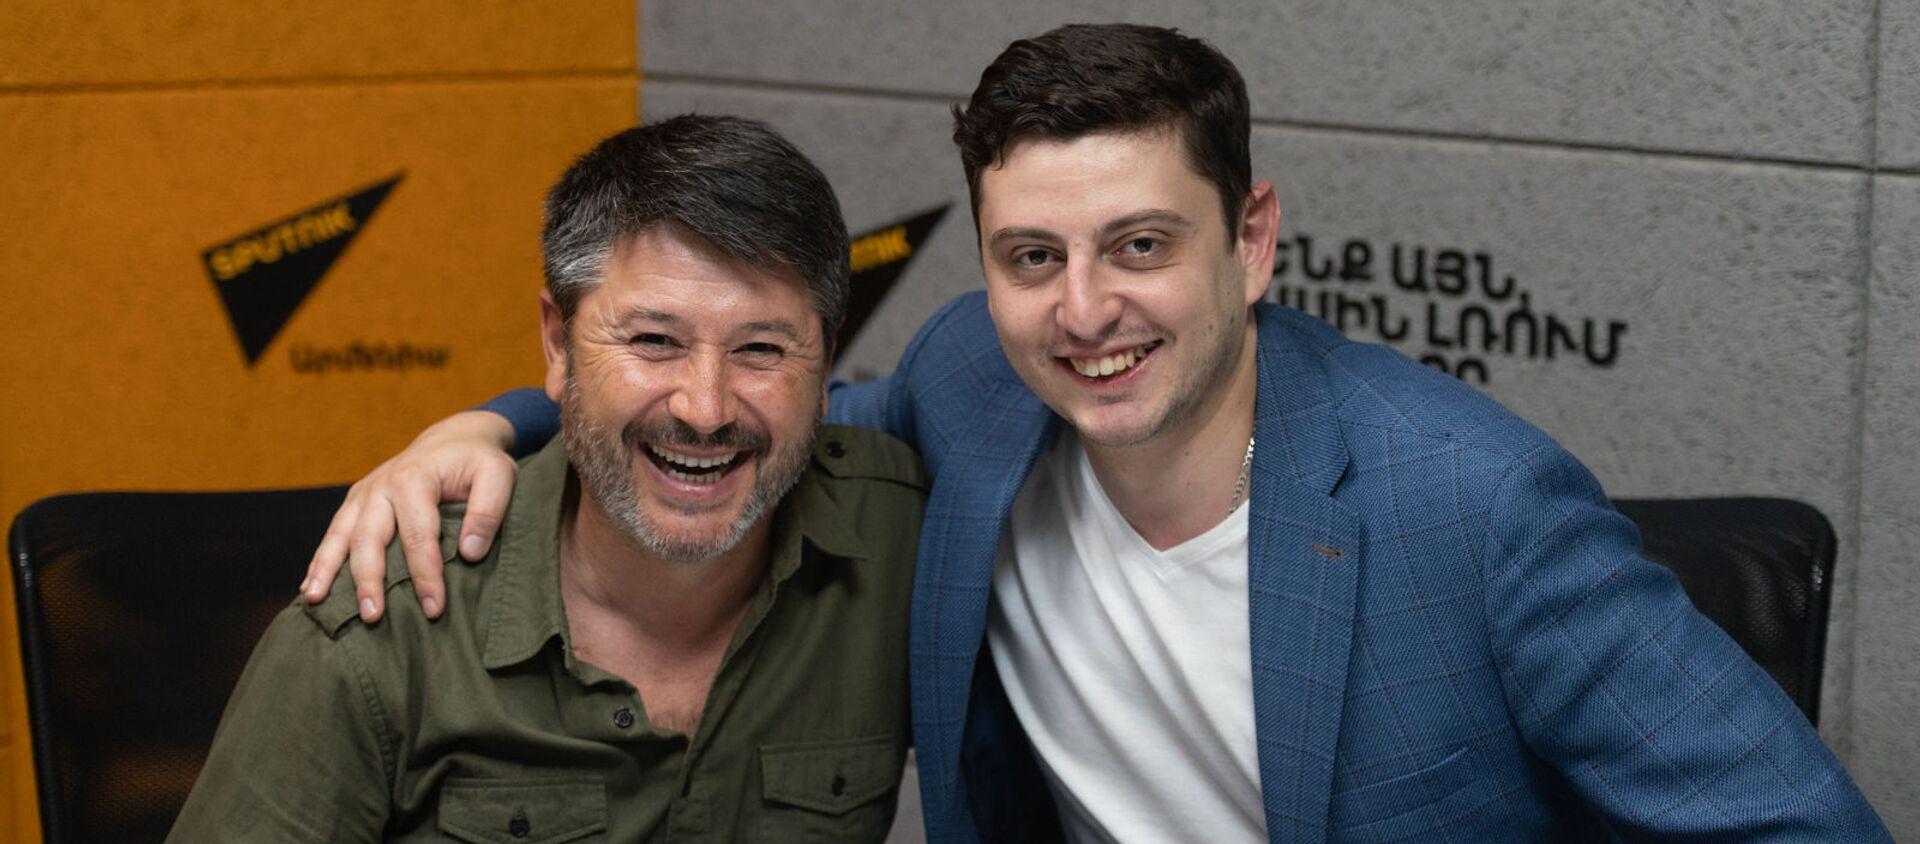 Испанский дирижер Хуан Антонио Рамирес (слева) и виолончелист Нарек Ахназарян в гостях радио Sputnik Армения - Sputnik Արմենիա, 1920, 28.04.2021